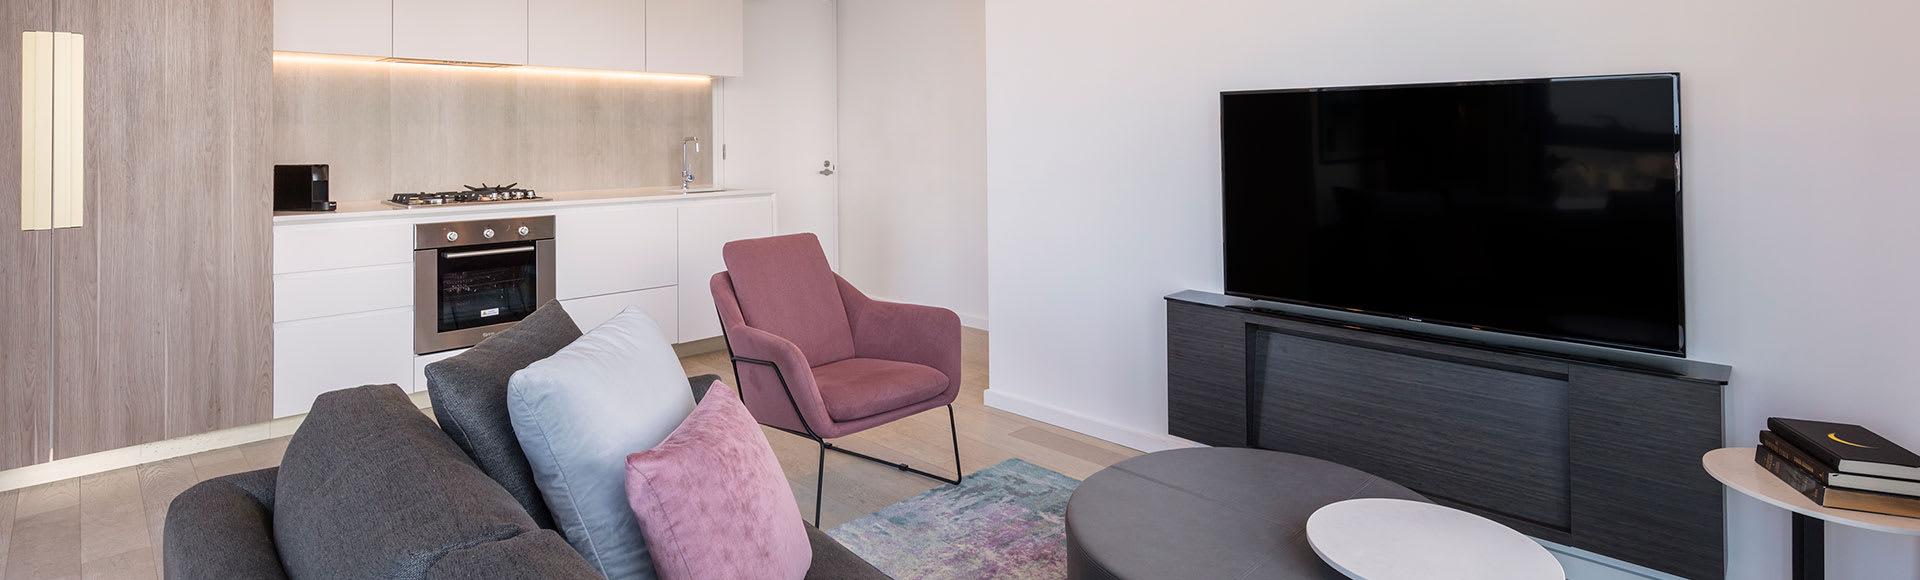 Avani Melbourne Central Residences 2 Bedroom Superior Suite Living